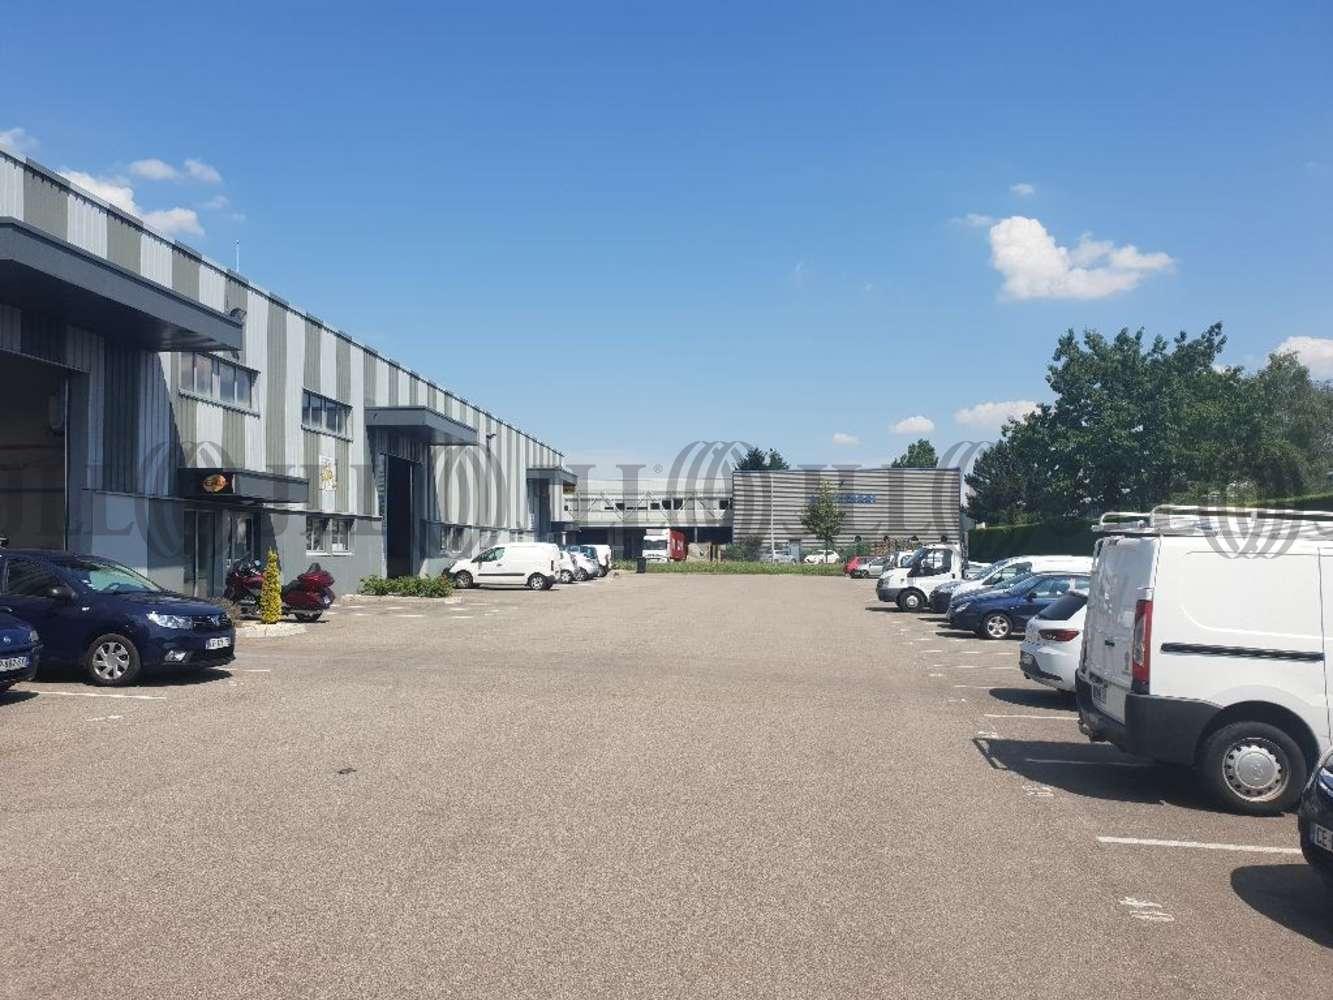 Activités/entrepôt Miribel, 01700 - LOCAUX D'ACTIVITÉ À VENDRE MIRIBEL - 10526015